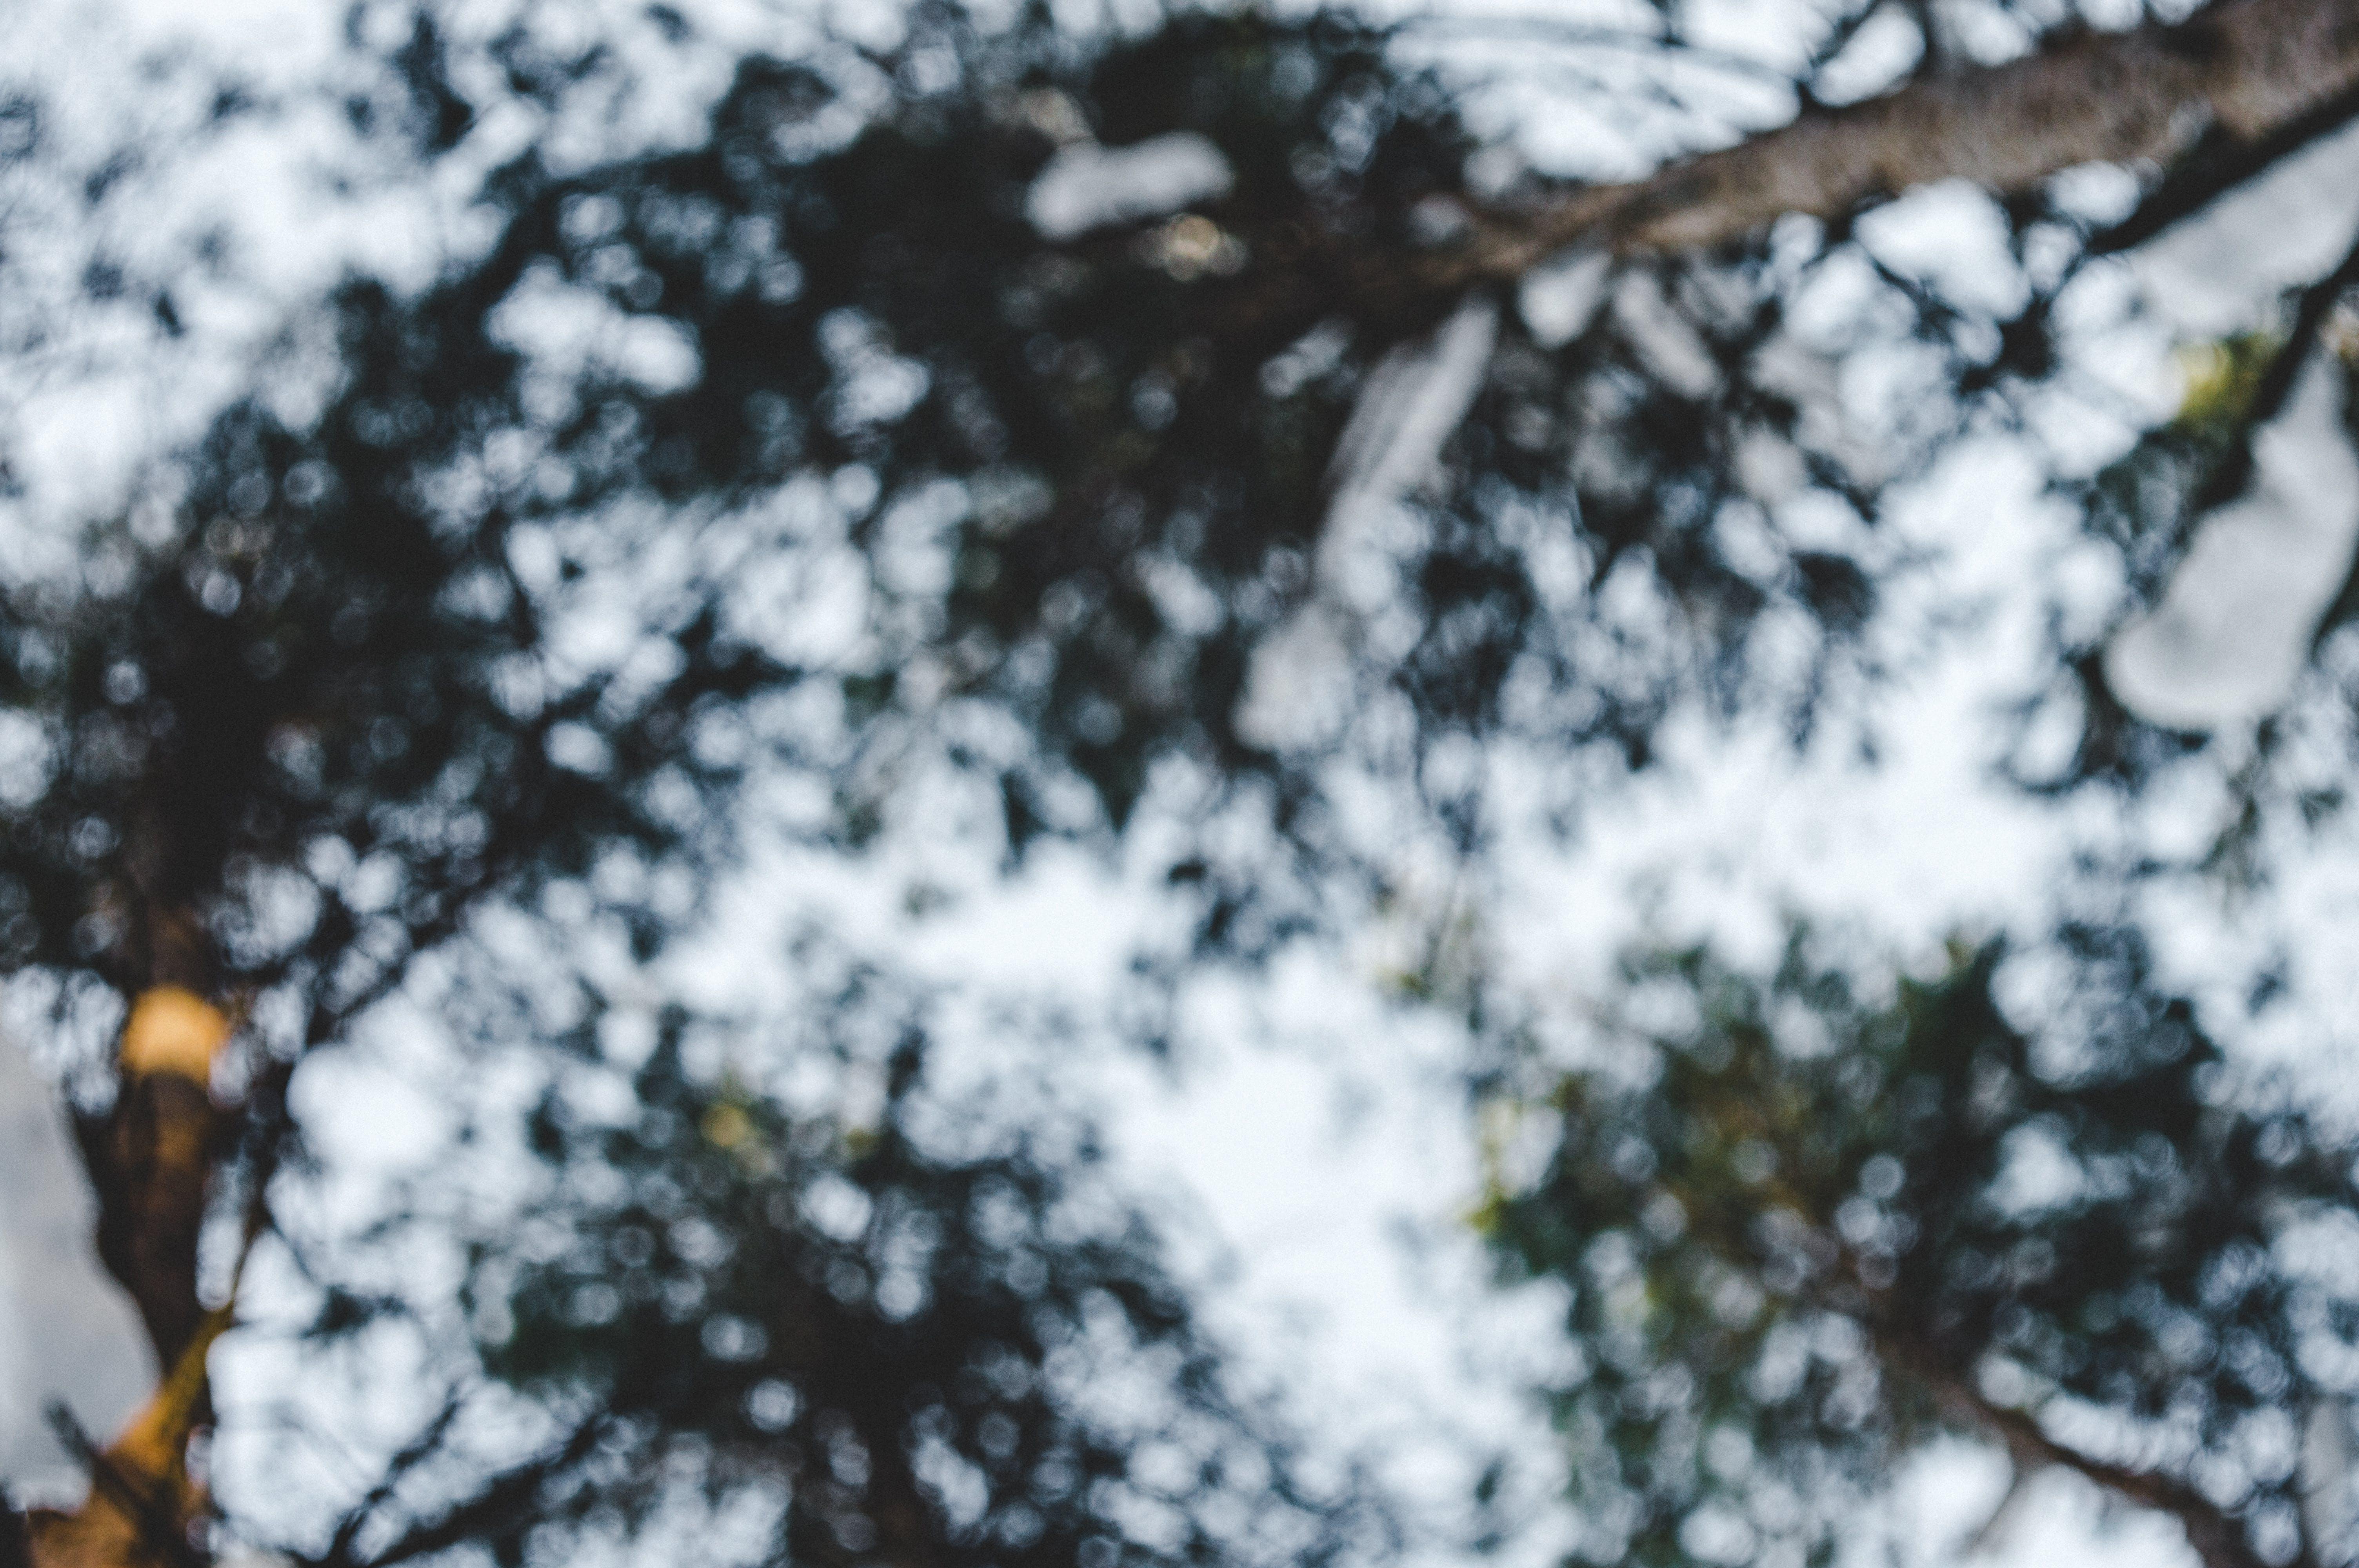 가지, 경치, 경치가 좋은, 나무의 무료 스톡 사진